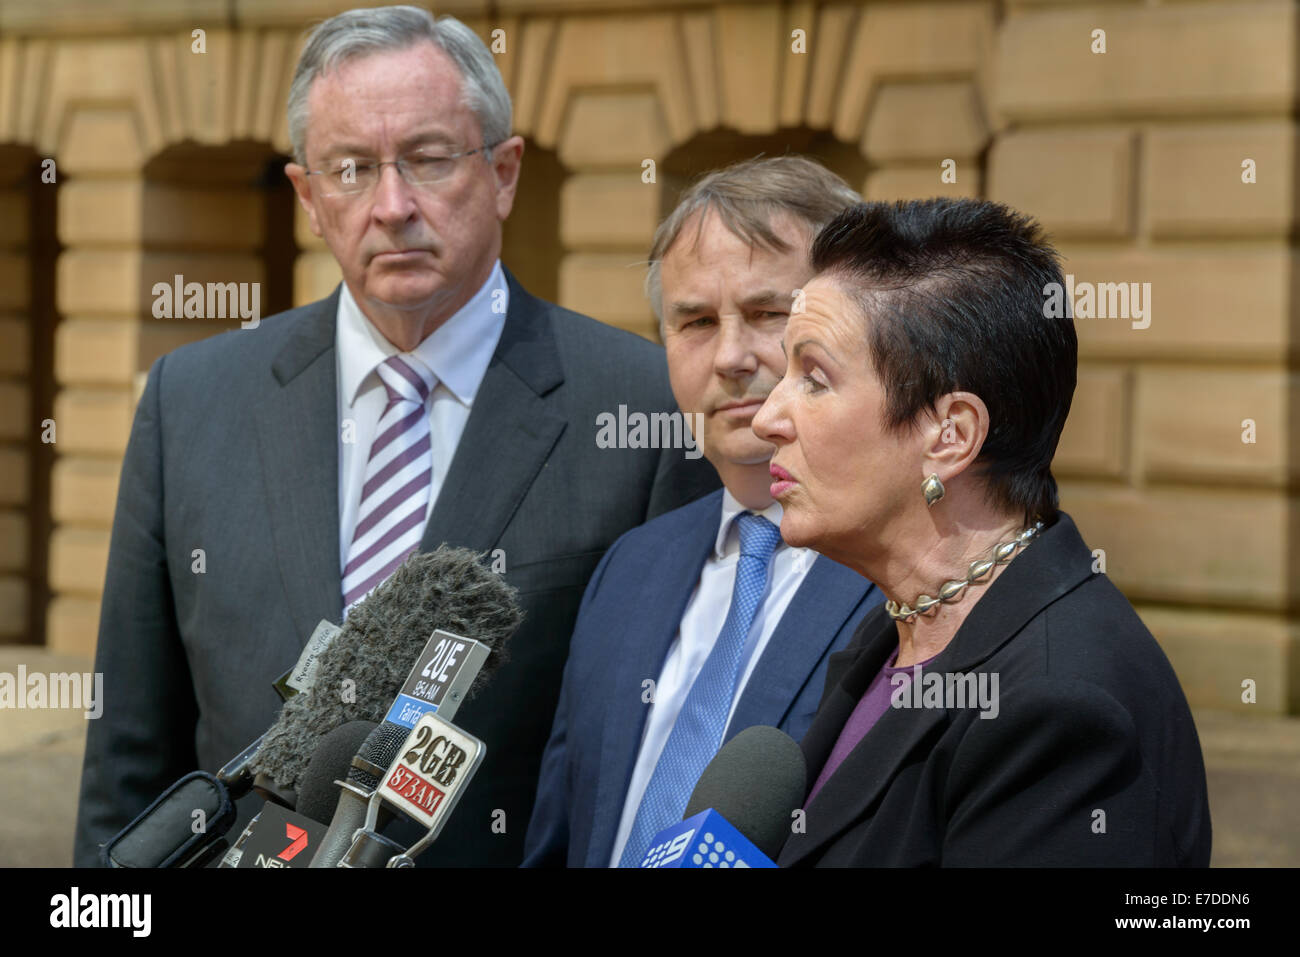 Sydney, Australien. 15. Sep, 2014. NSW Attorney General Brad Hazzard (L) schaut zu, wie Oberbürgermeister Clover Stockbild